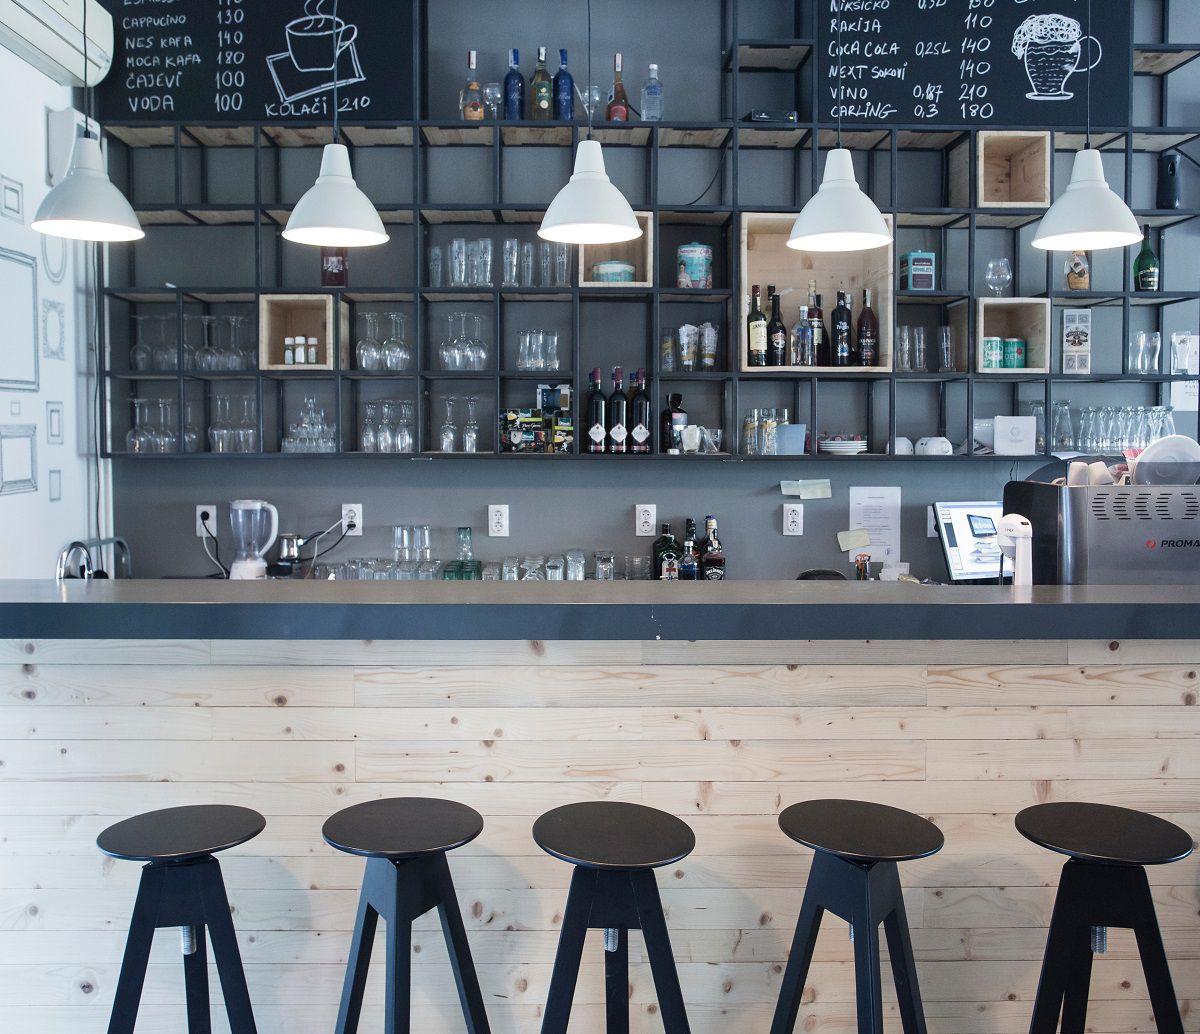 thiết kế quán cafe sách hiện đại